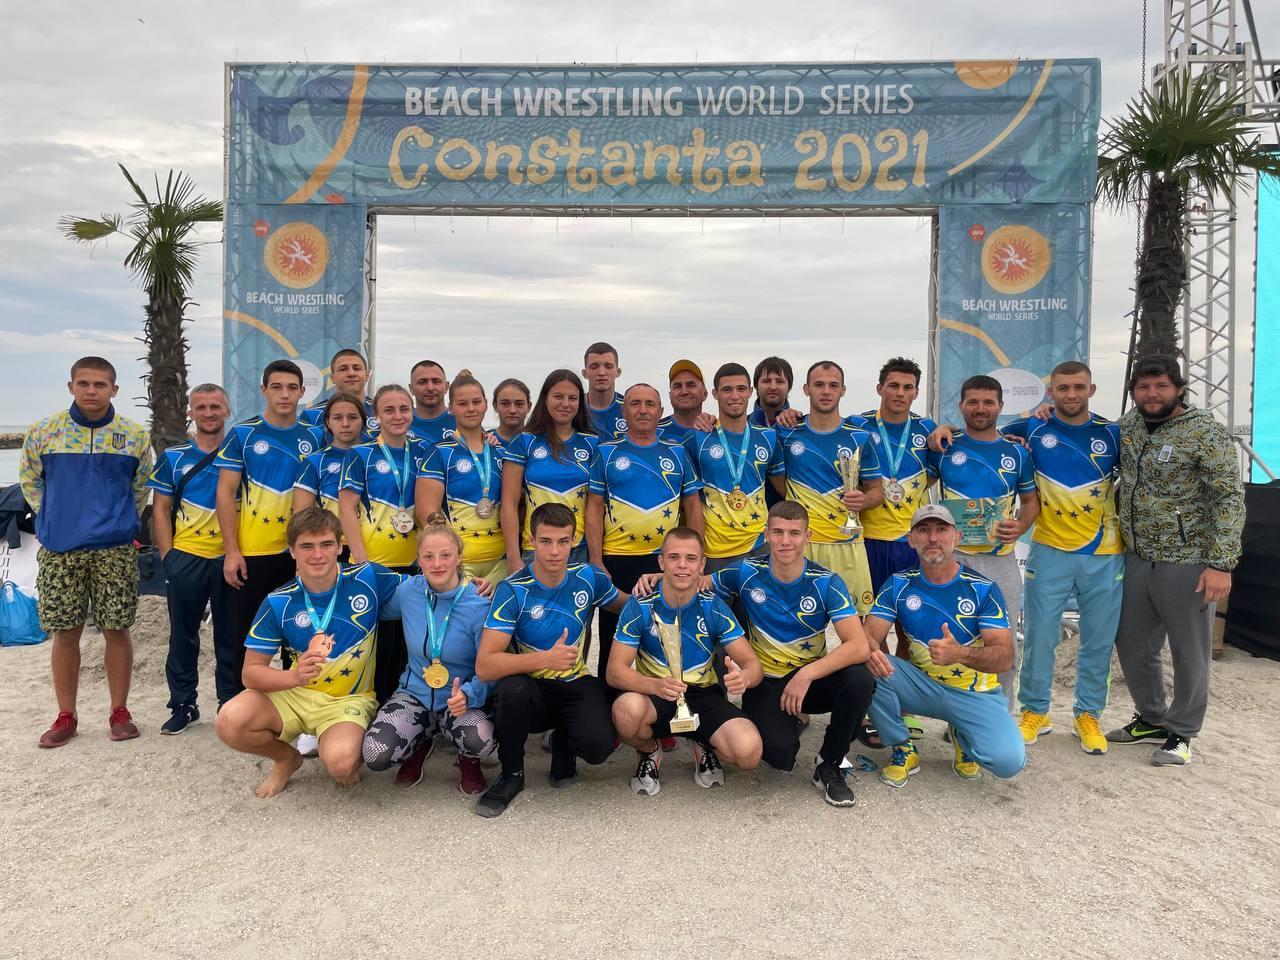 Спортсменки з Бахмута стали найкращими на Чемпіонаті світу з пляжної боротьби